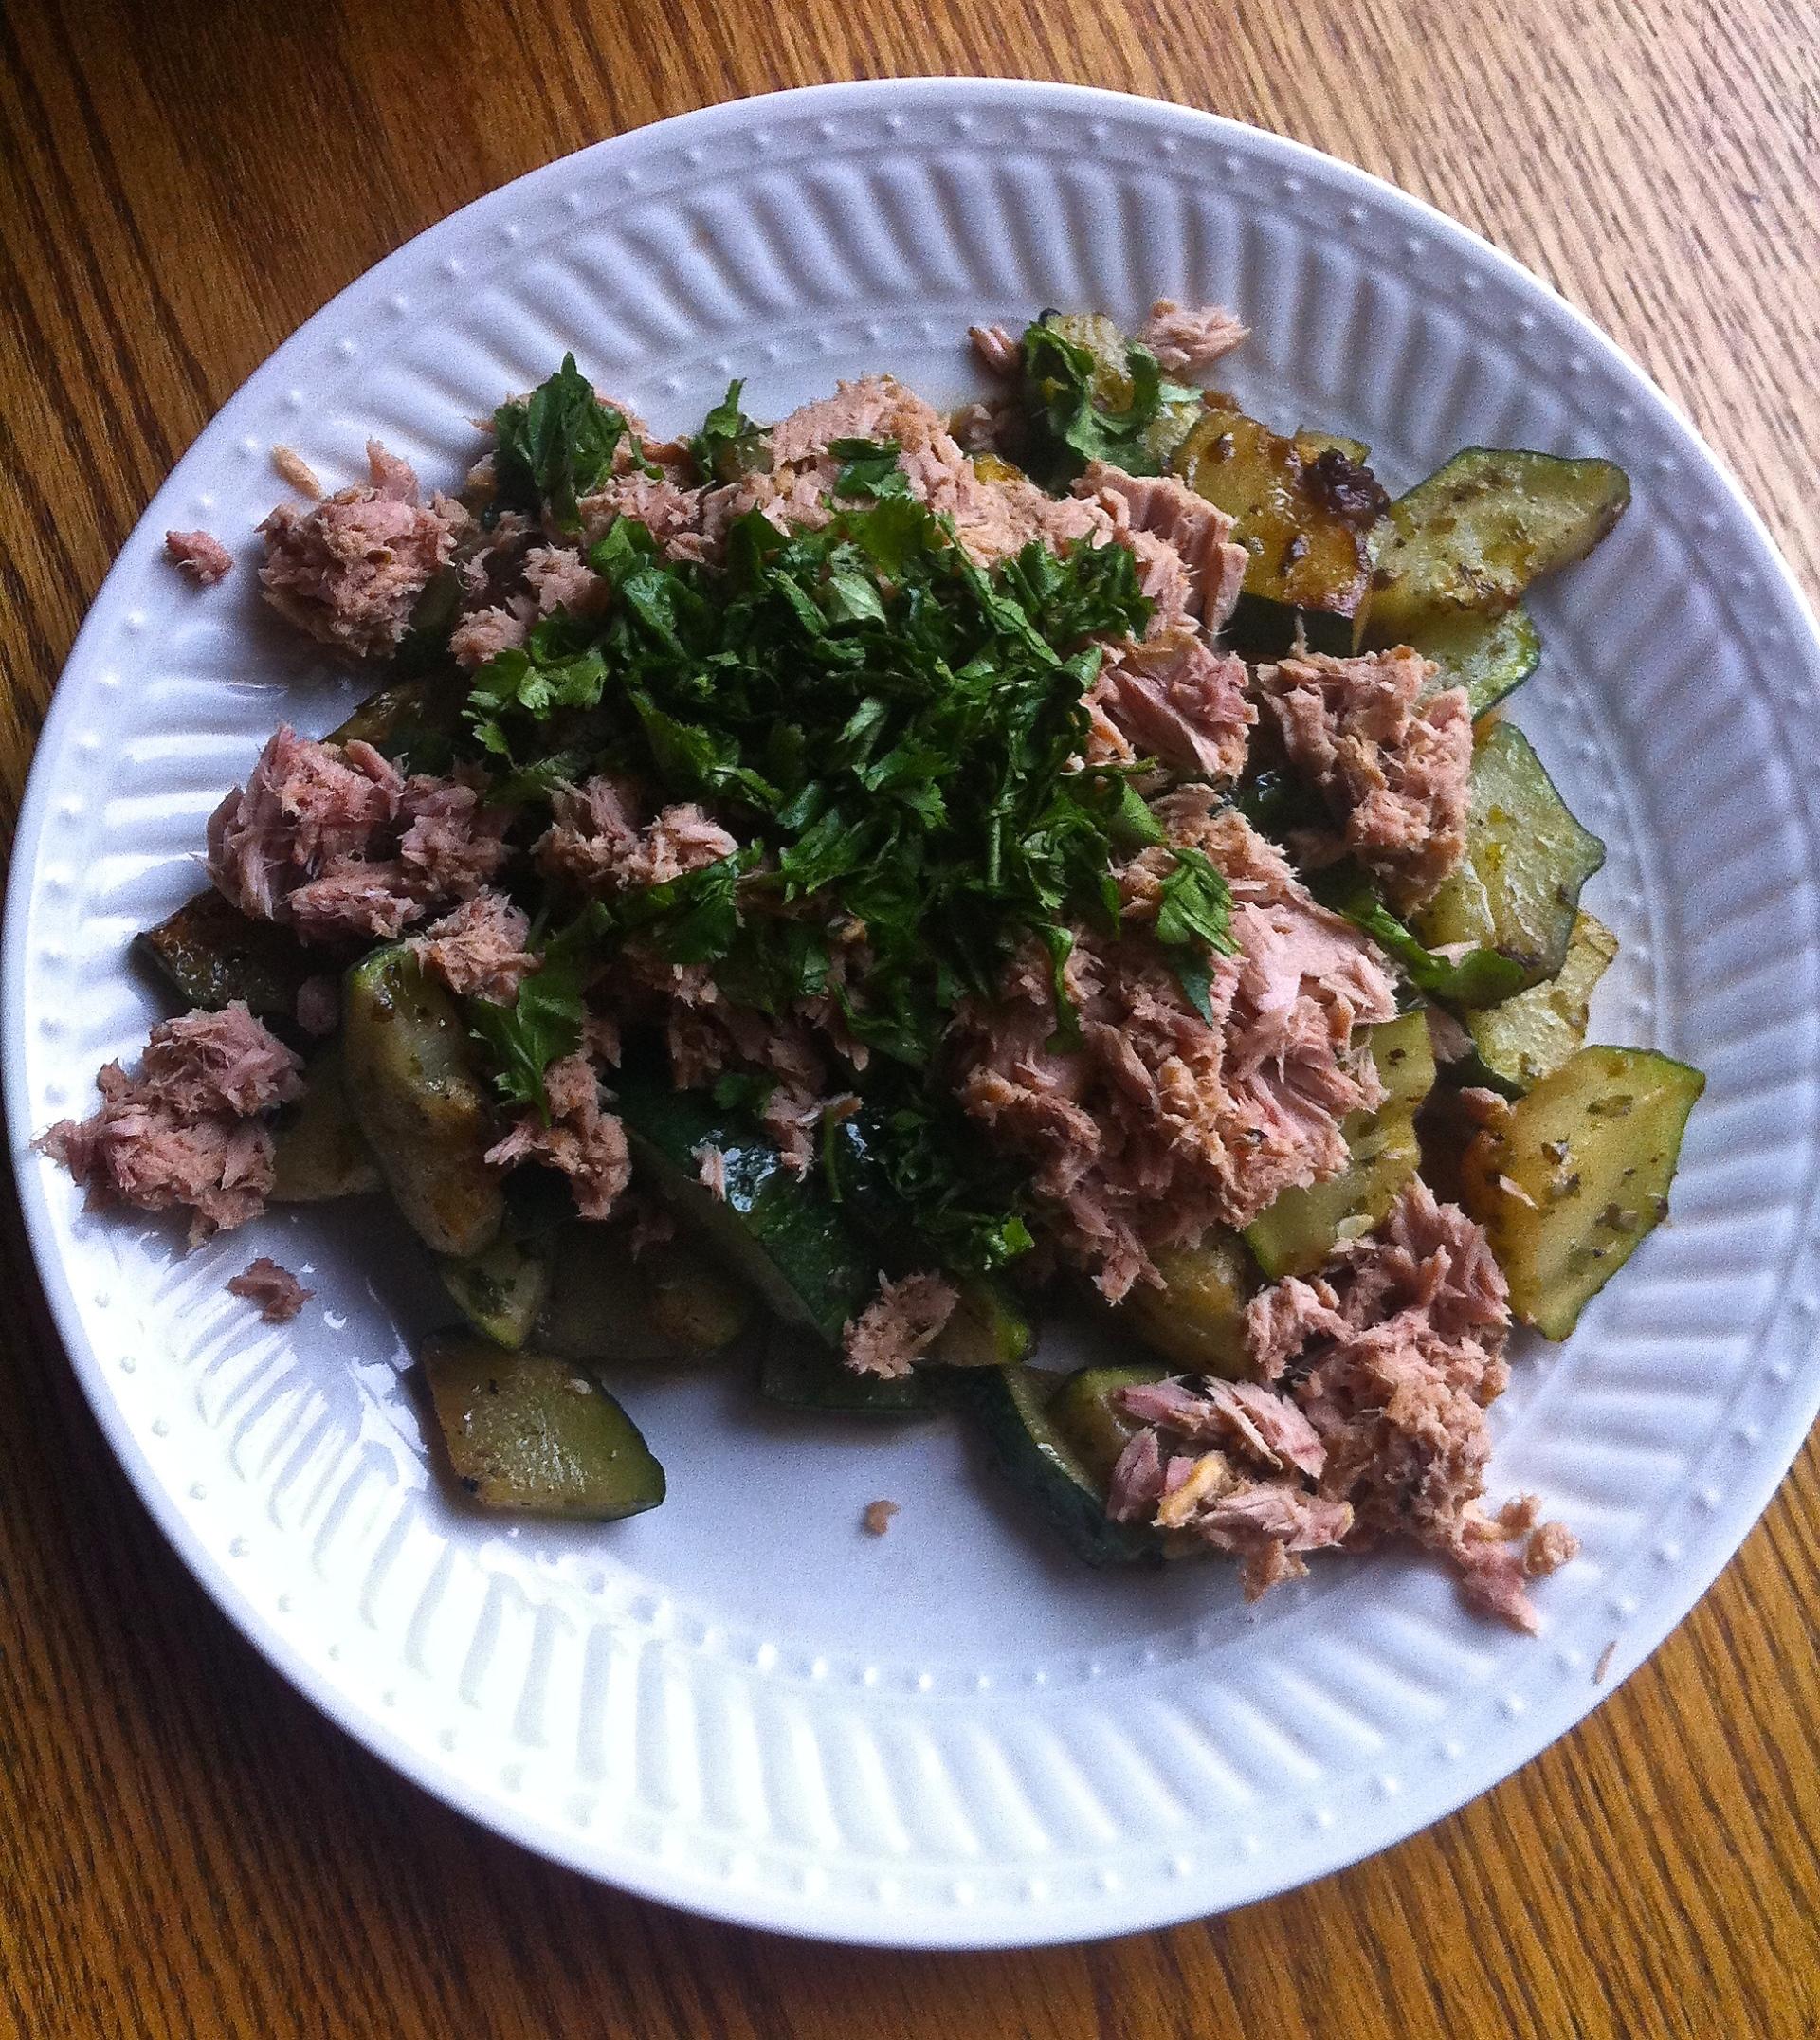 ¿No sabes qué hacer de desayuno? Zapallito italiano con atún y cilantro (y las especias o hierbas que quieras) es un plato liviano pero contundente a la vez. Ideal para comenzar el día.